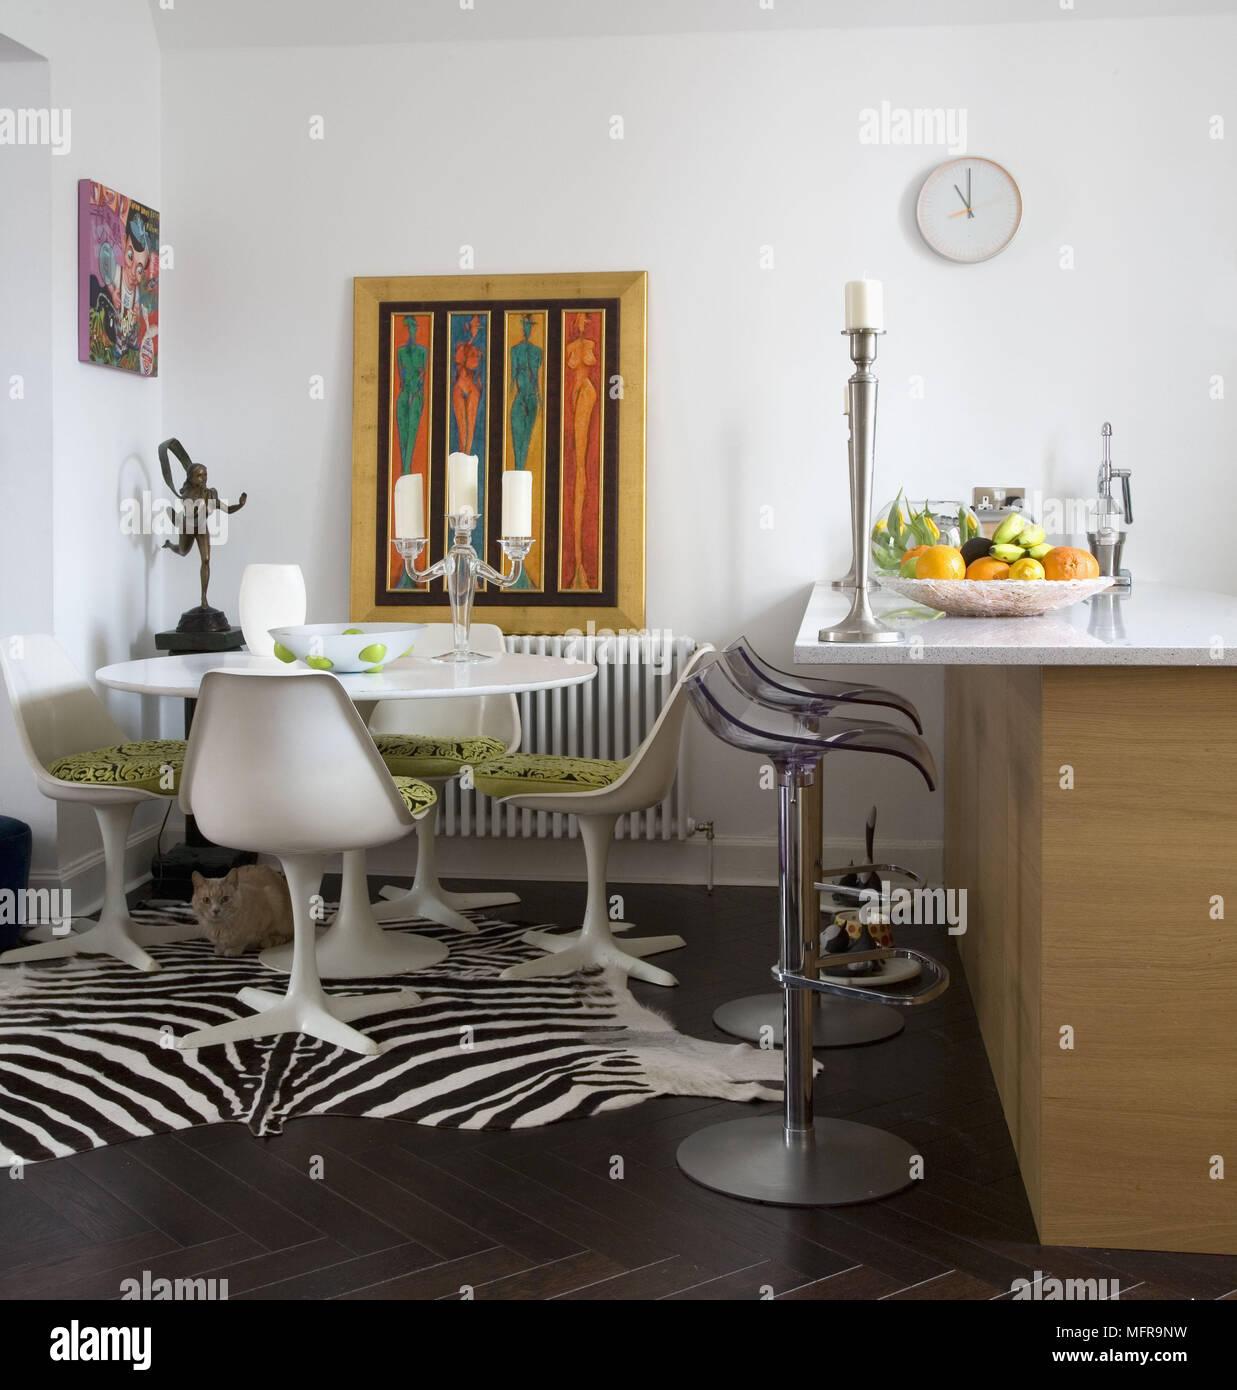 Eero Saarinen tavolo bianco e sedie in cucina contemporanea ...